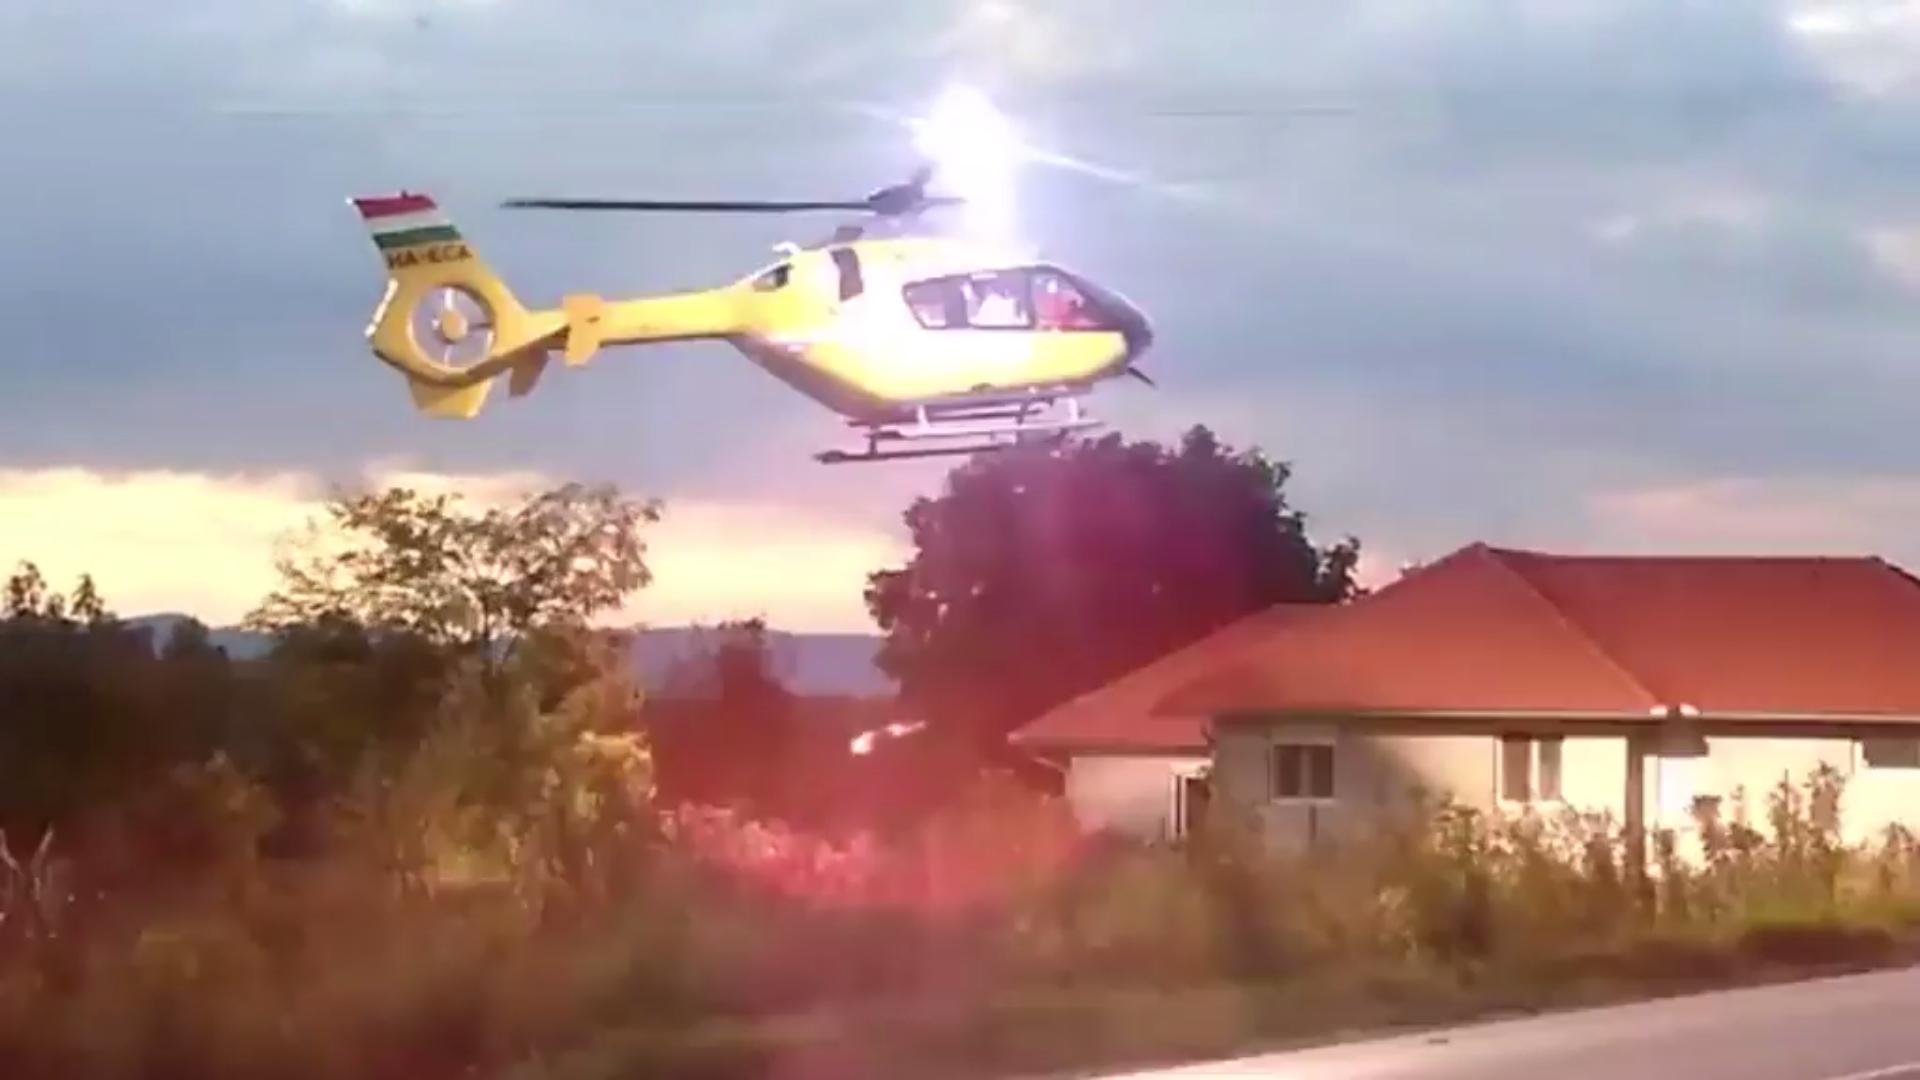 Videó a felsővezetéket elvágó mentőhelikopterről